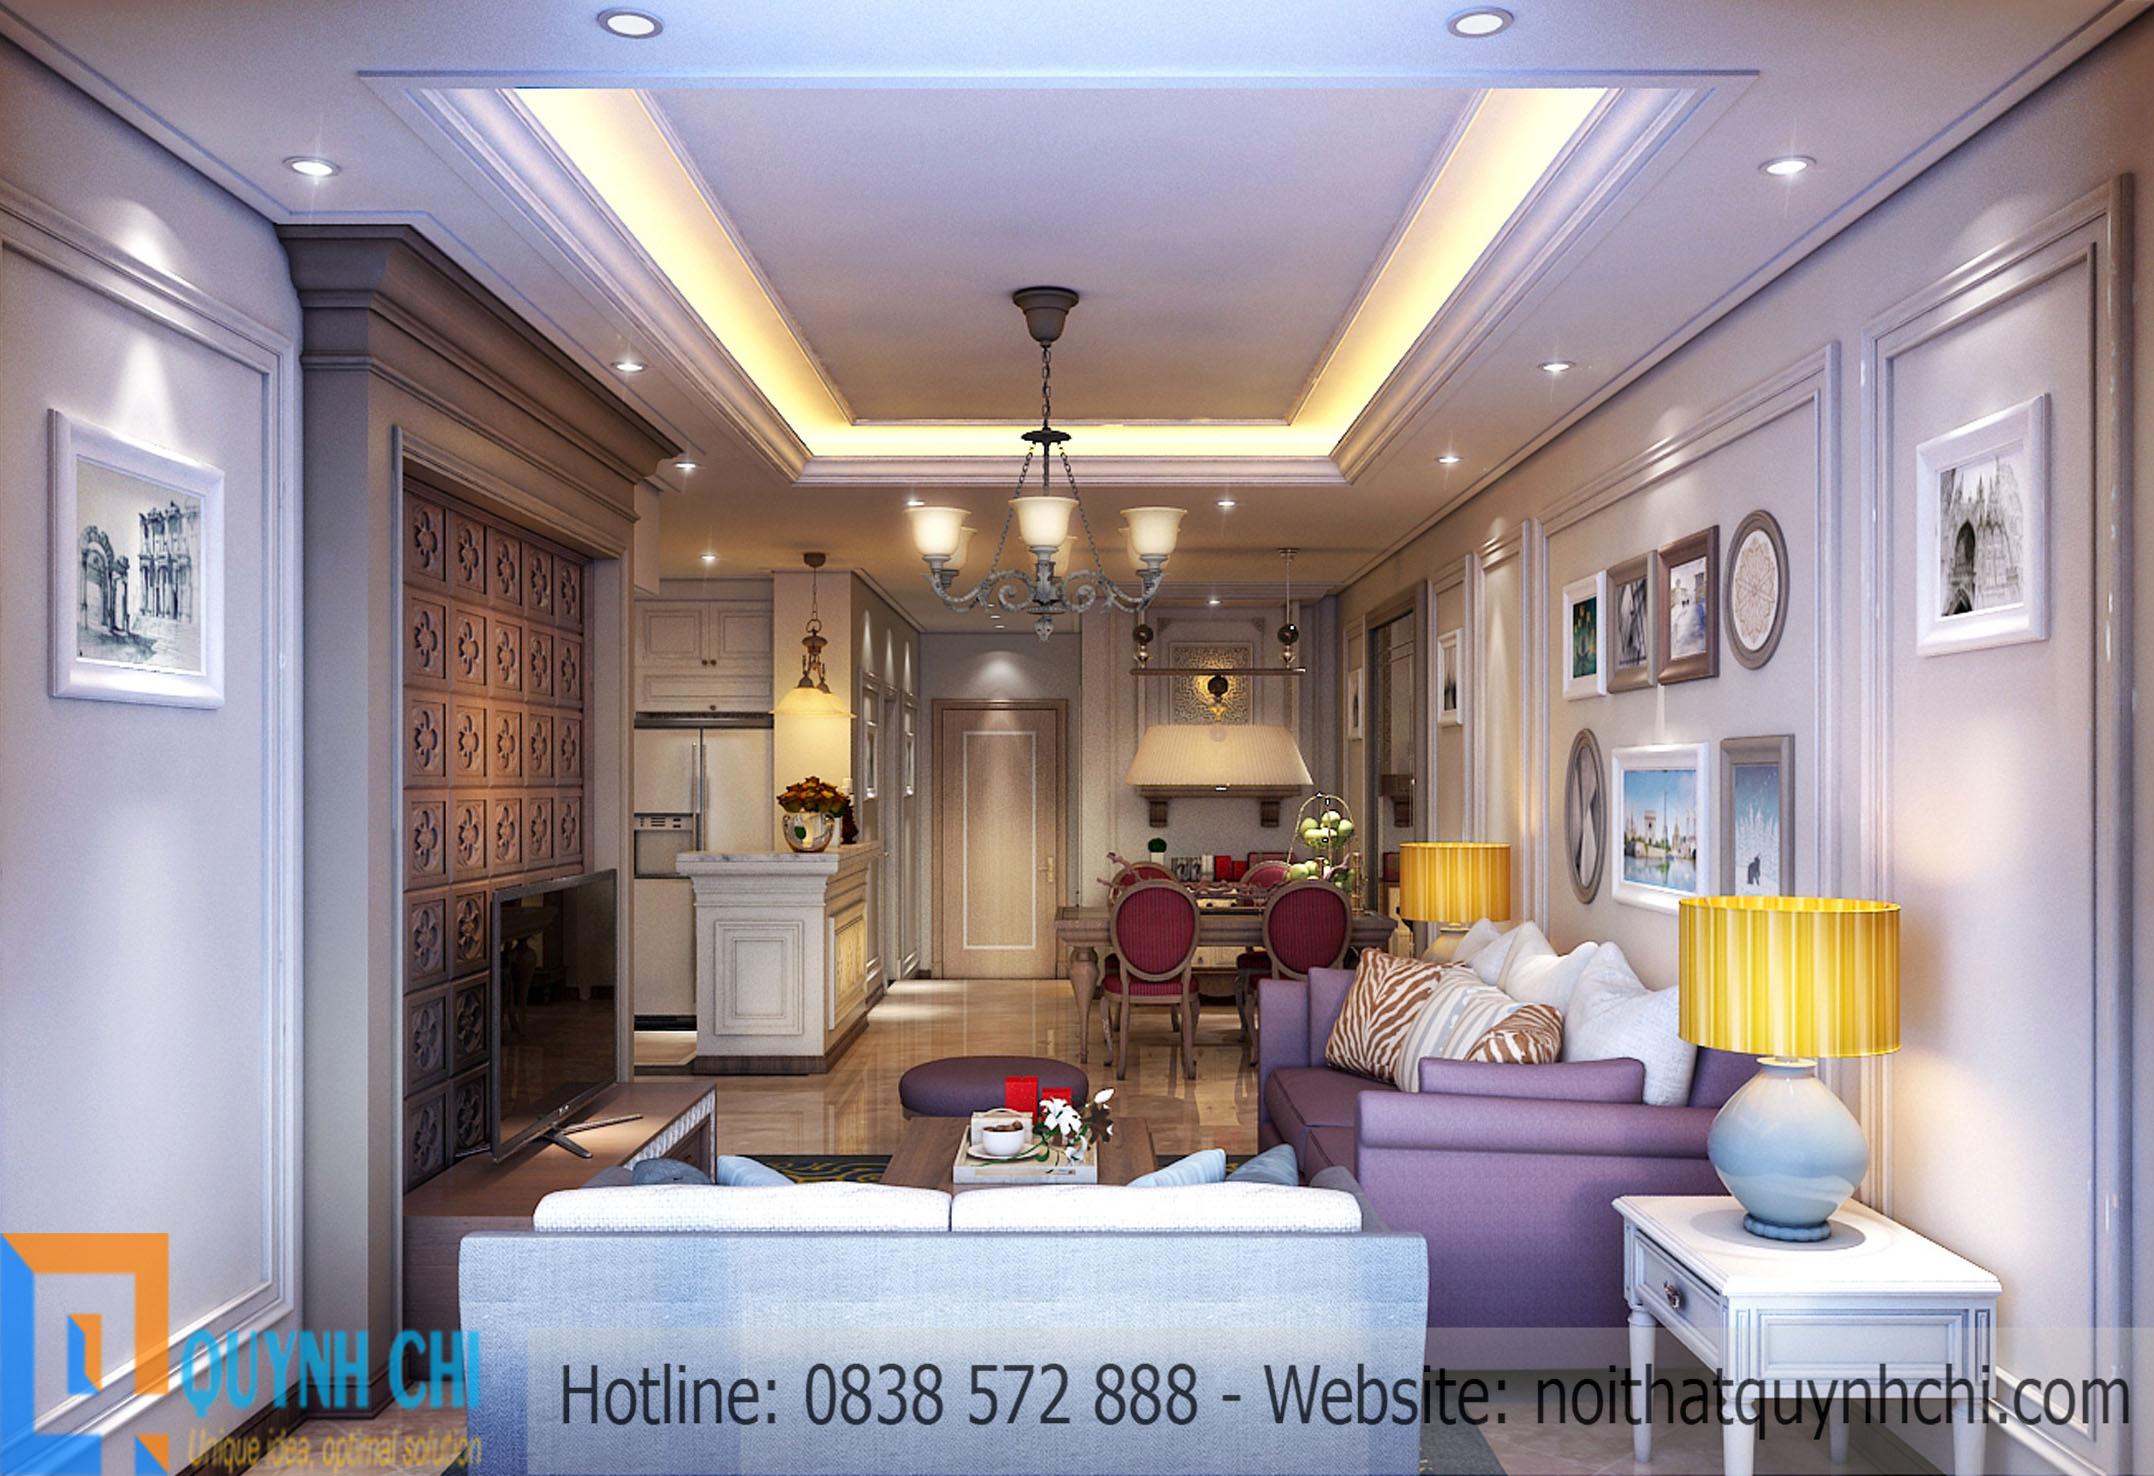 Thiết kế thi công nội thất chung cư tân cổ điển – Chung cư Thăng Long Number 1